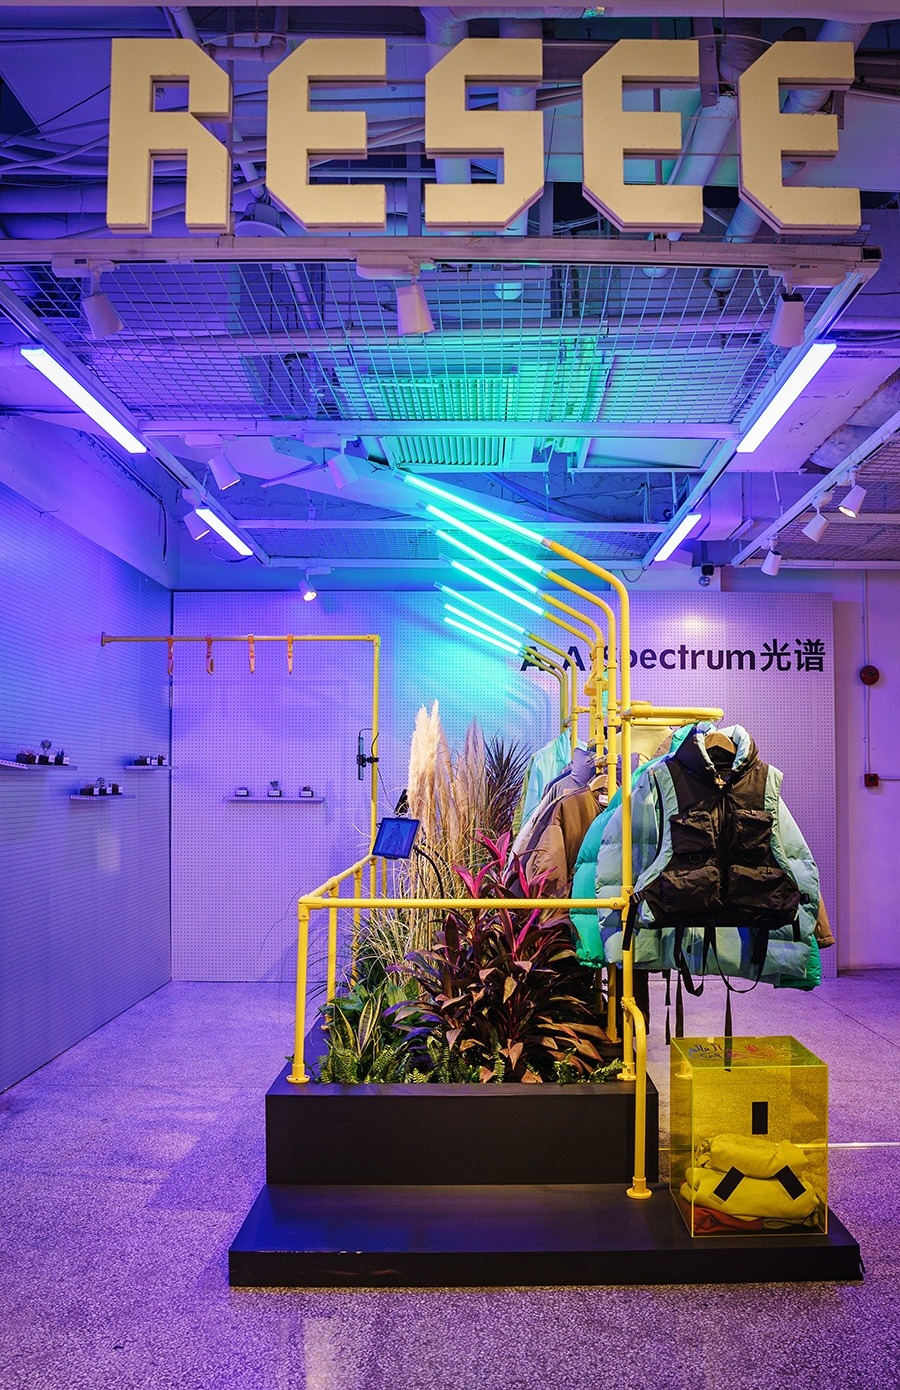 新品发售 | AAS光谱公交车温室概念主题快闪店空降上海